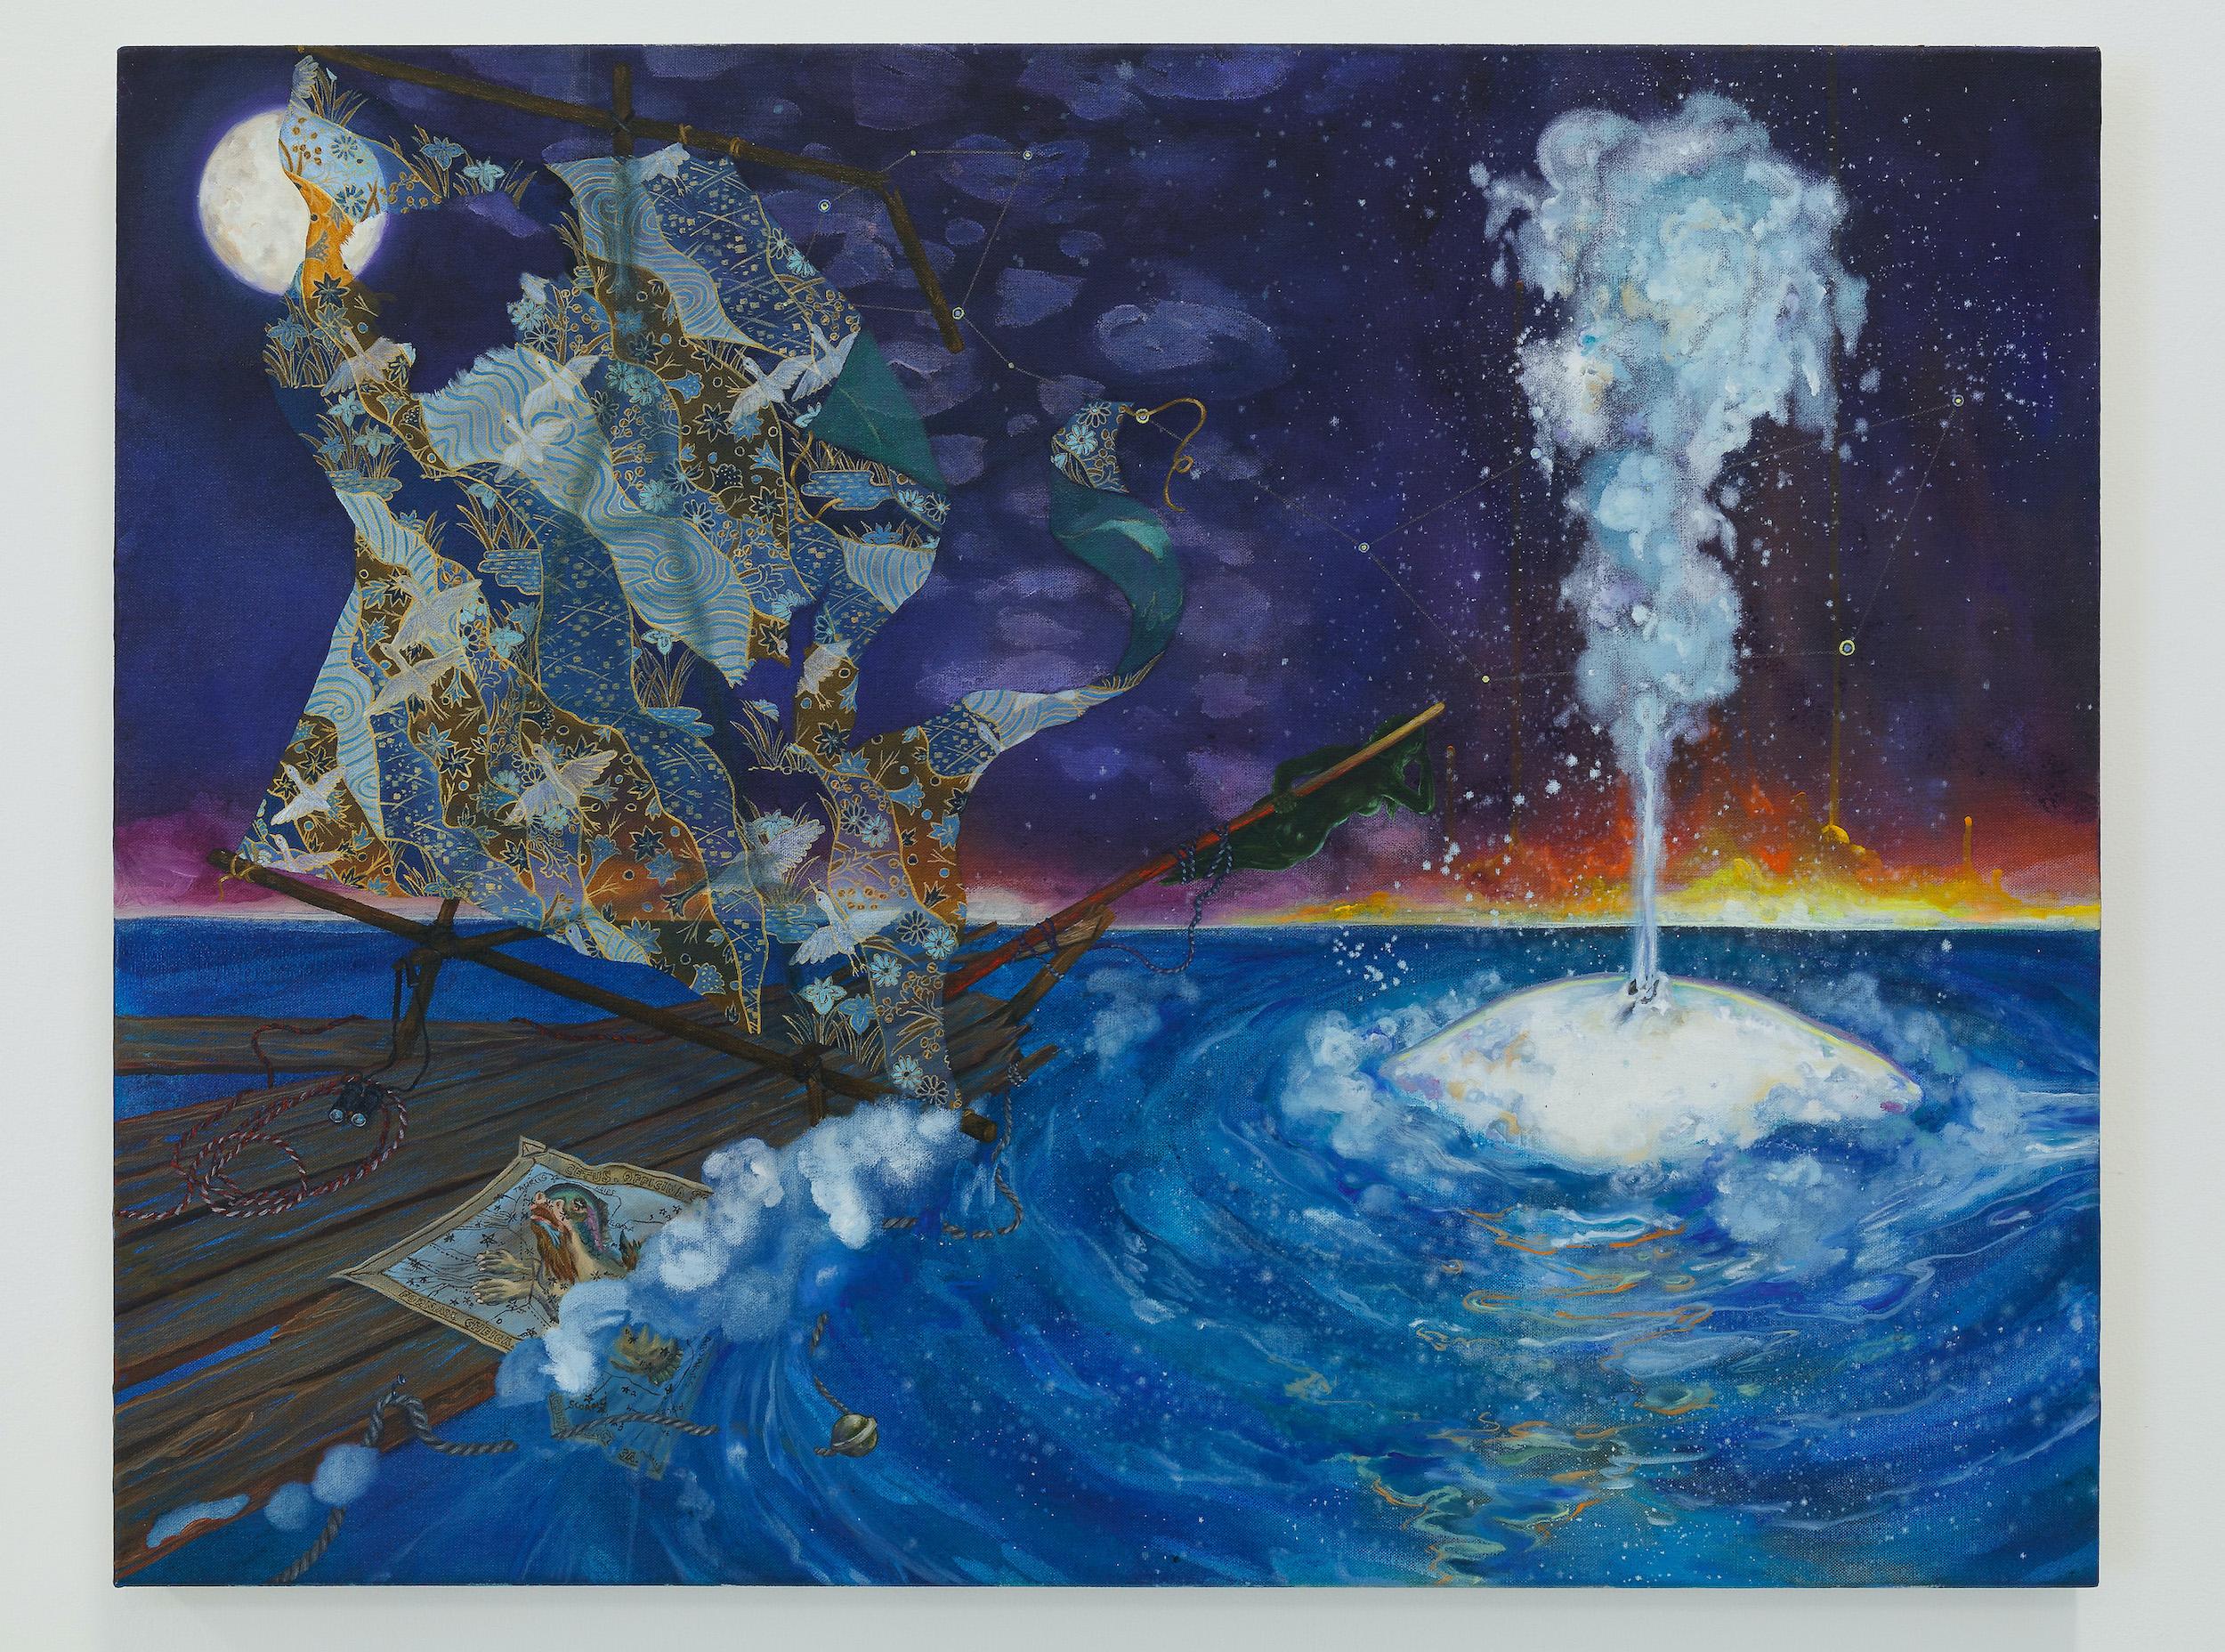 Eleen Lin, Cetus, 2015, Oil, acrylic and graphite on canvas, 28 x 36 inches, Emerson Dorsch, Miami FL